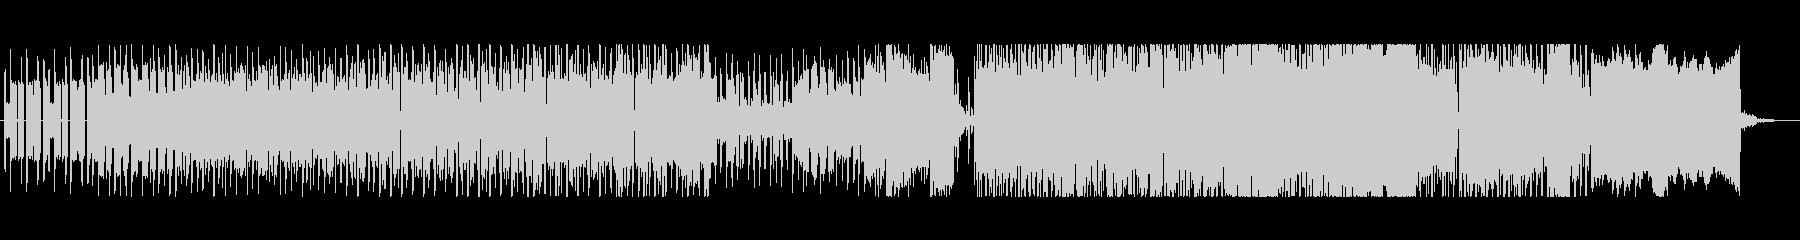 メガドライブ音源 明るく軽快なBGMの未再生の波形